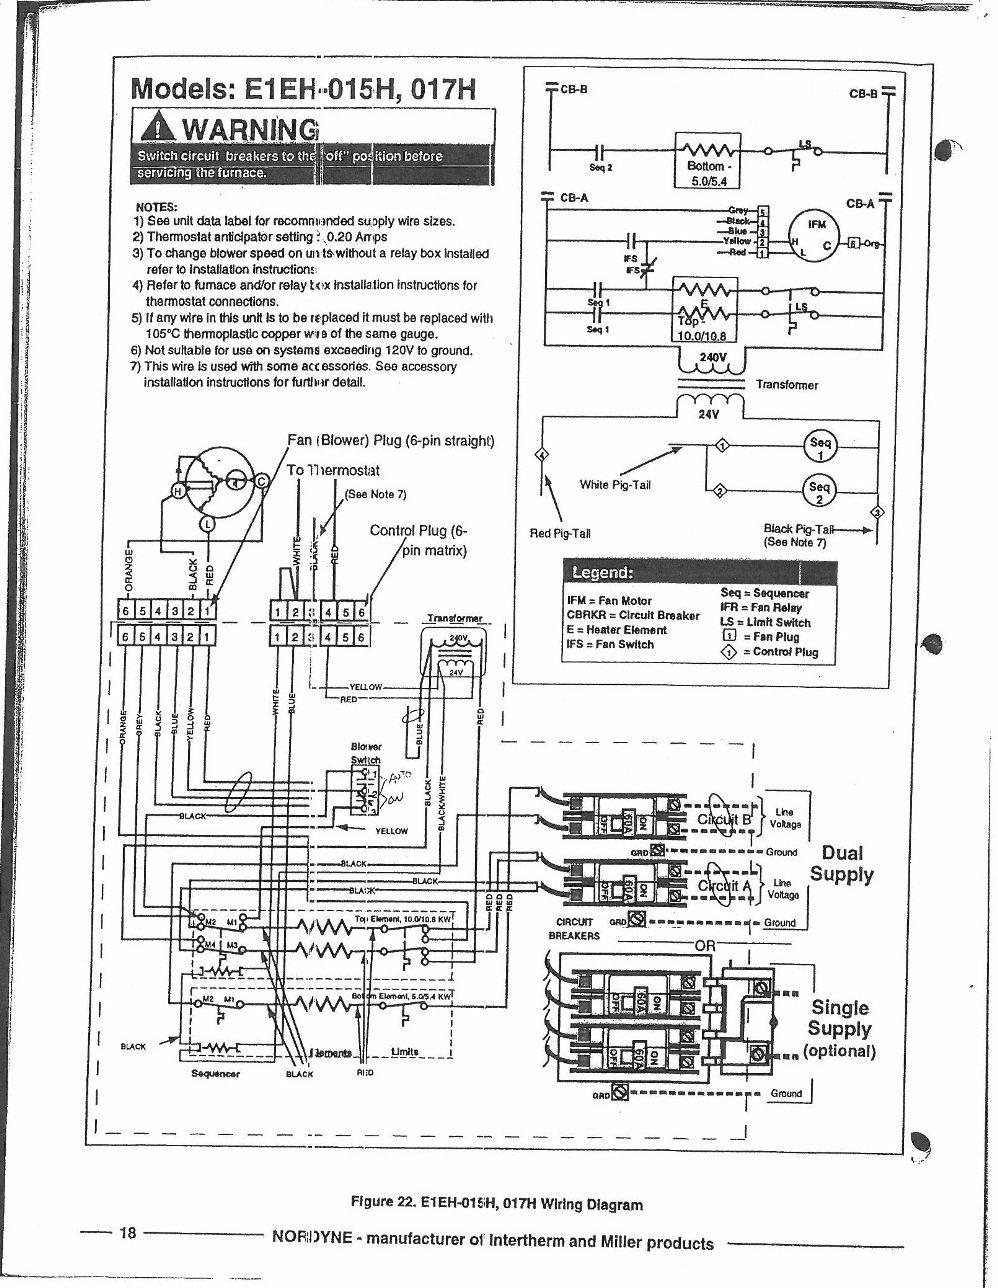 Nordyne Electric Furnace Wiring Diagram : Diagram Furnace